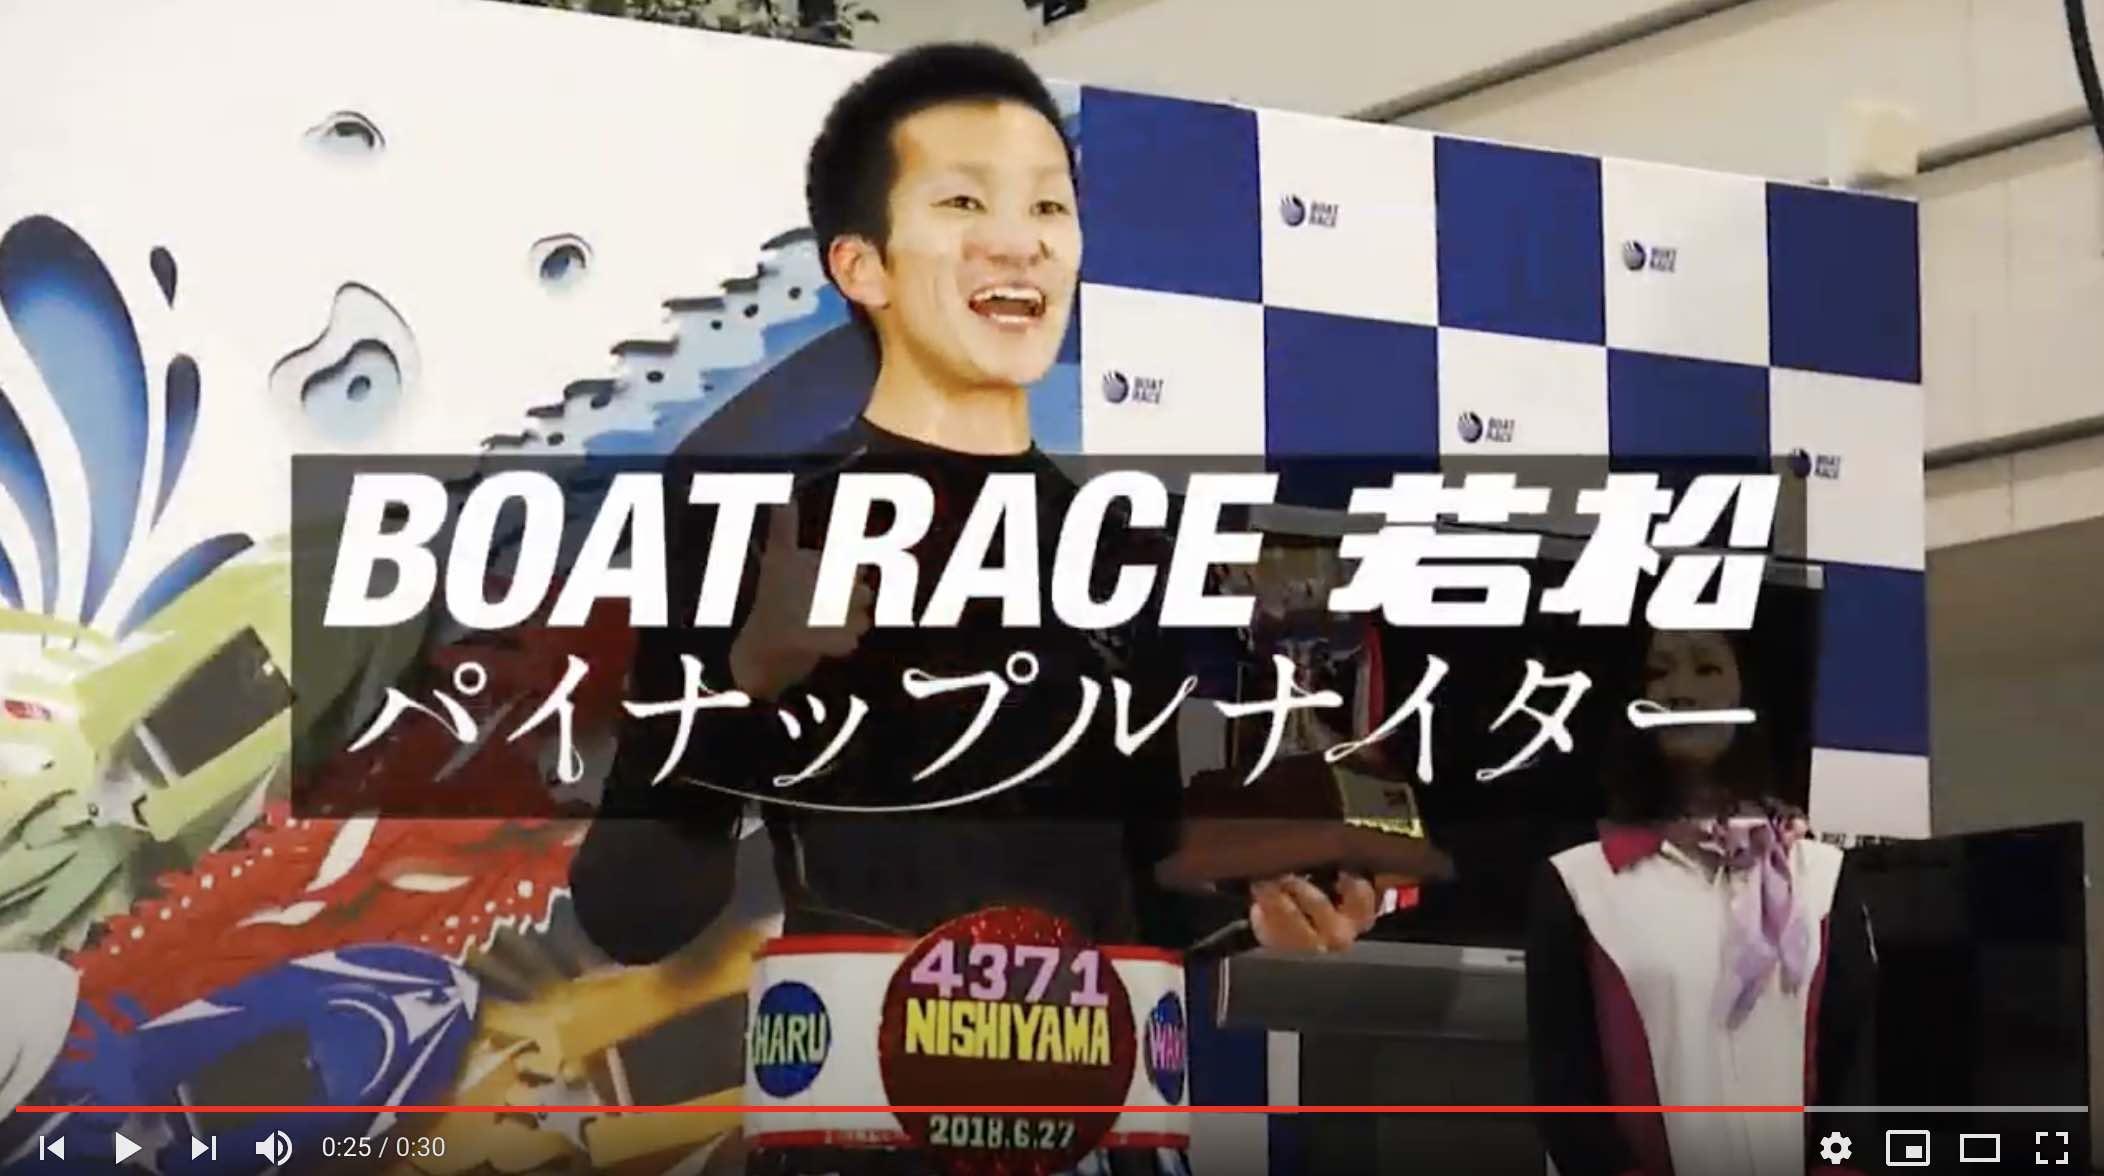 競艇ボートレースの若松CM若松CM西山編